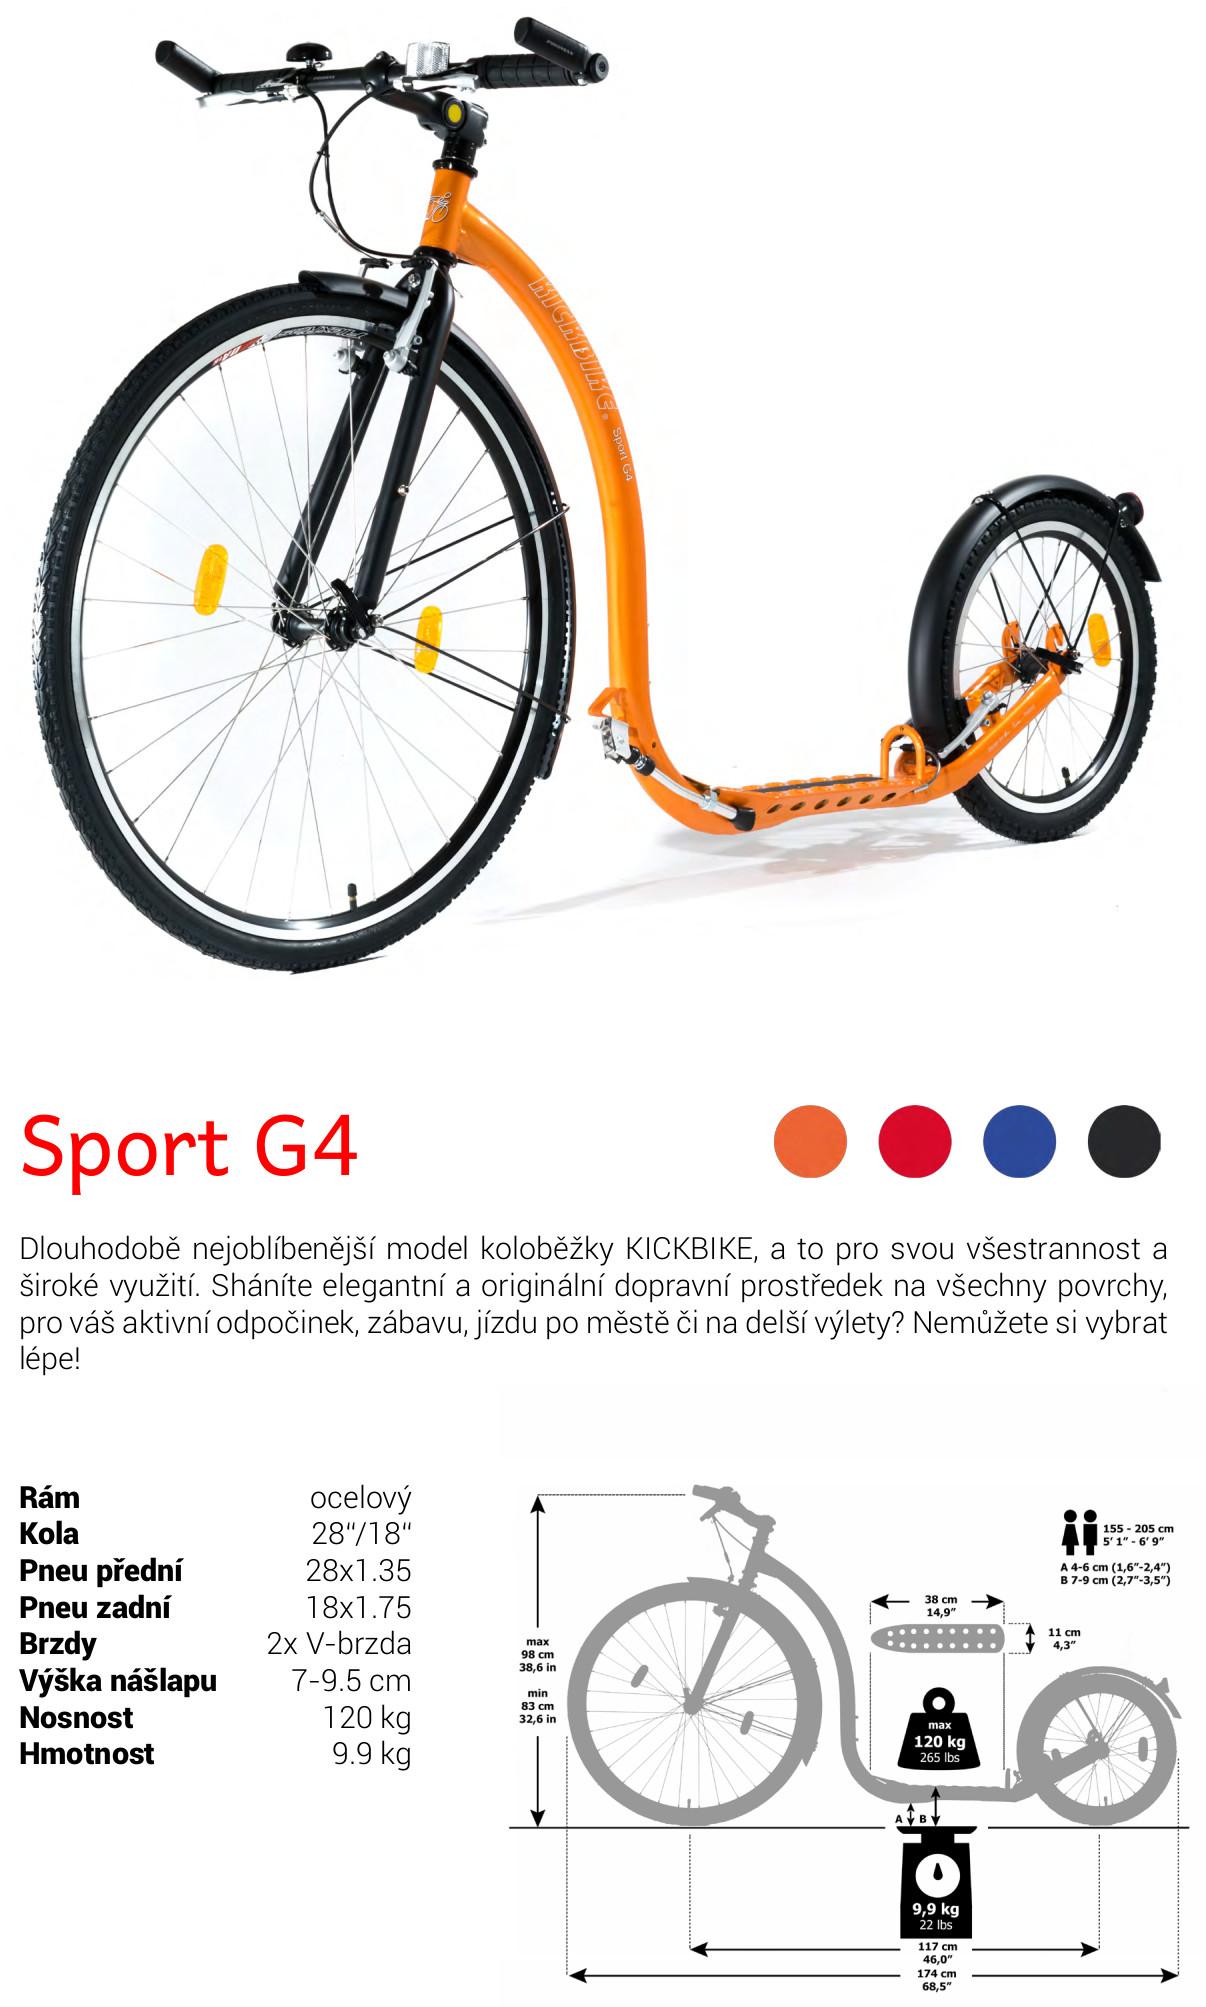 Koloběžka Kickbike Sport G4